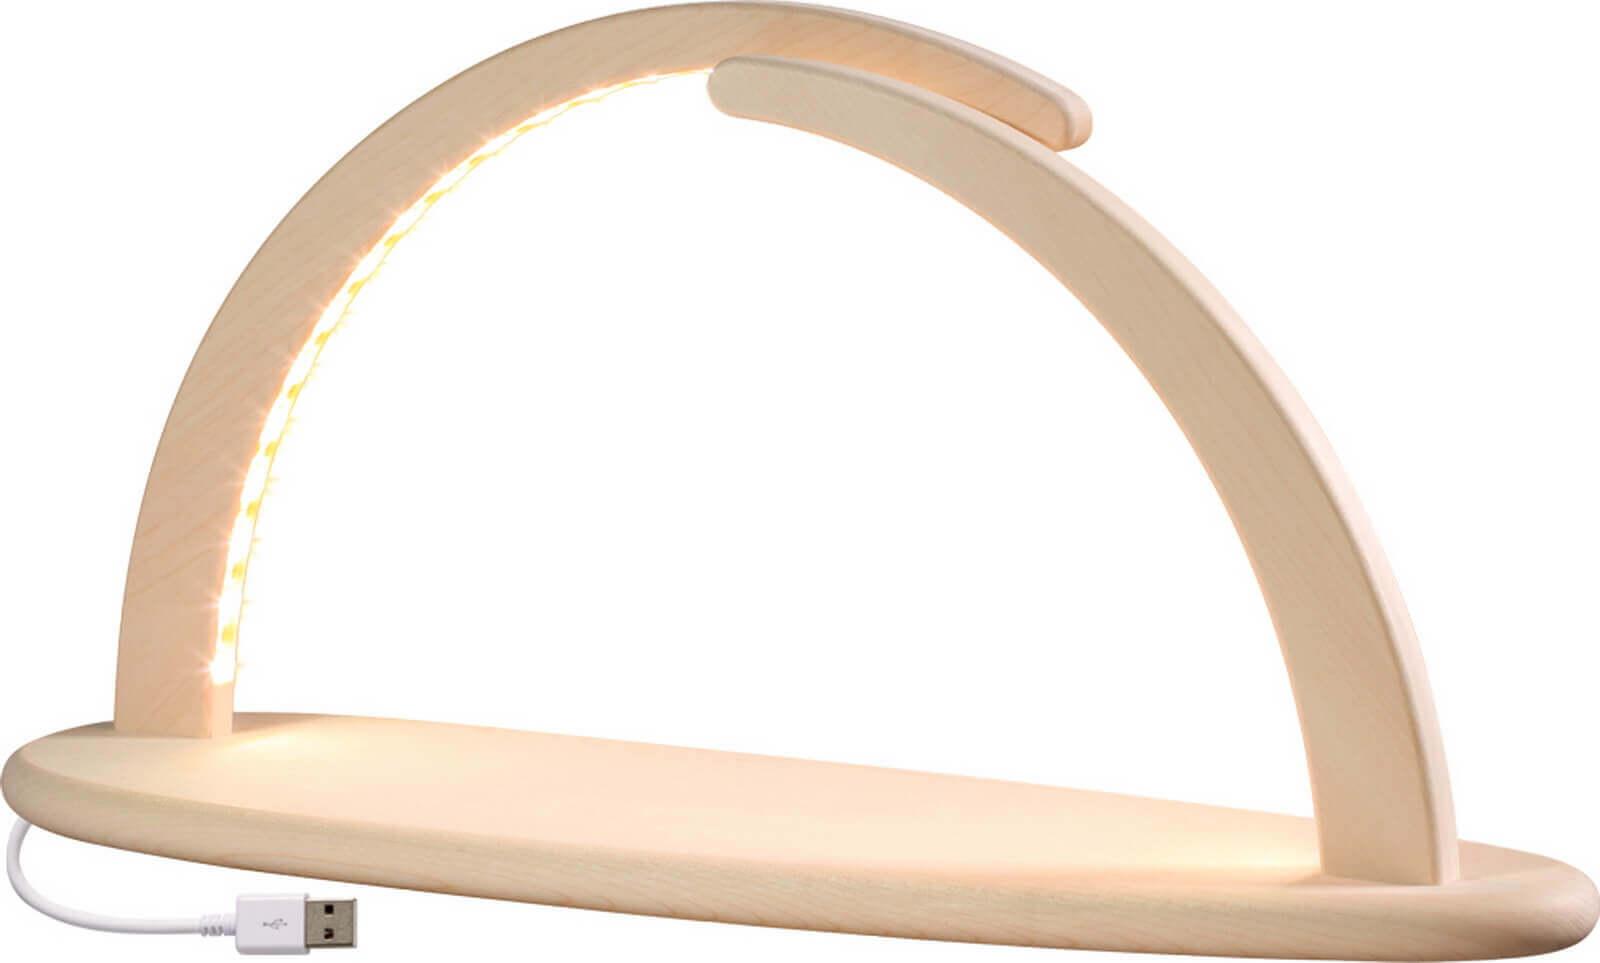 LED Schwibbogen groß, in natur ohne Bestückung mit USB und doppelten Bogen von Seiffener Volkskunst eG Seiffen/ Erzgebirge. Diese modernen …